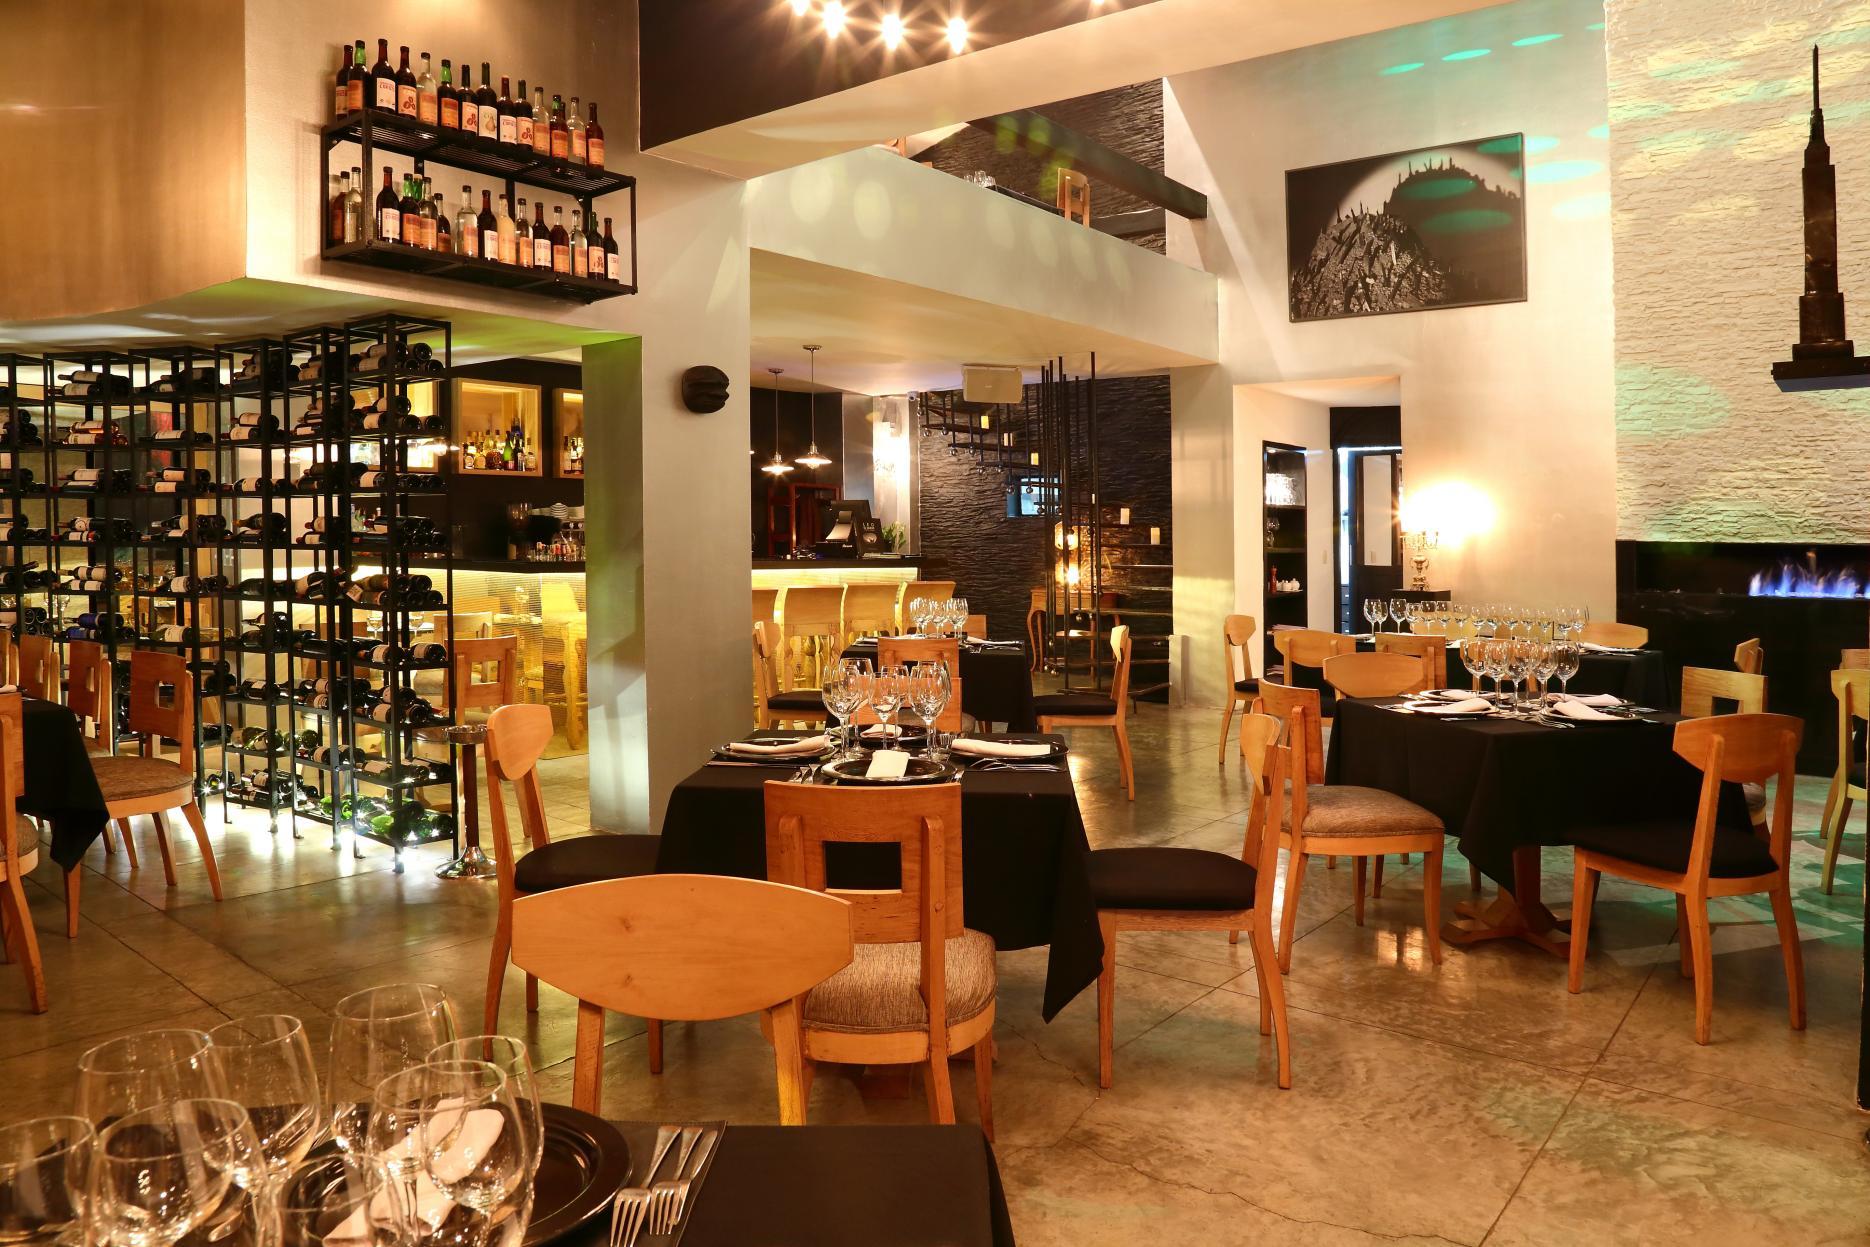 Worlds 50 Best Restaurants 2020.The World S 50 Best Restaurants And Bbva Launches 2020